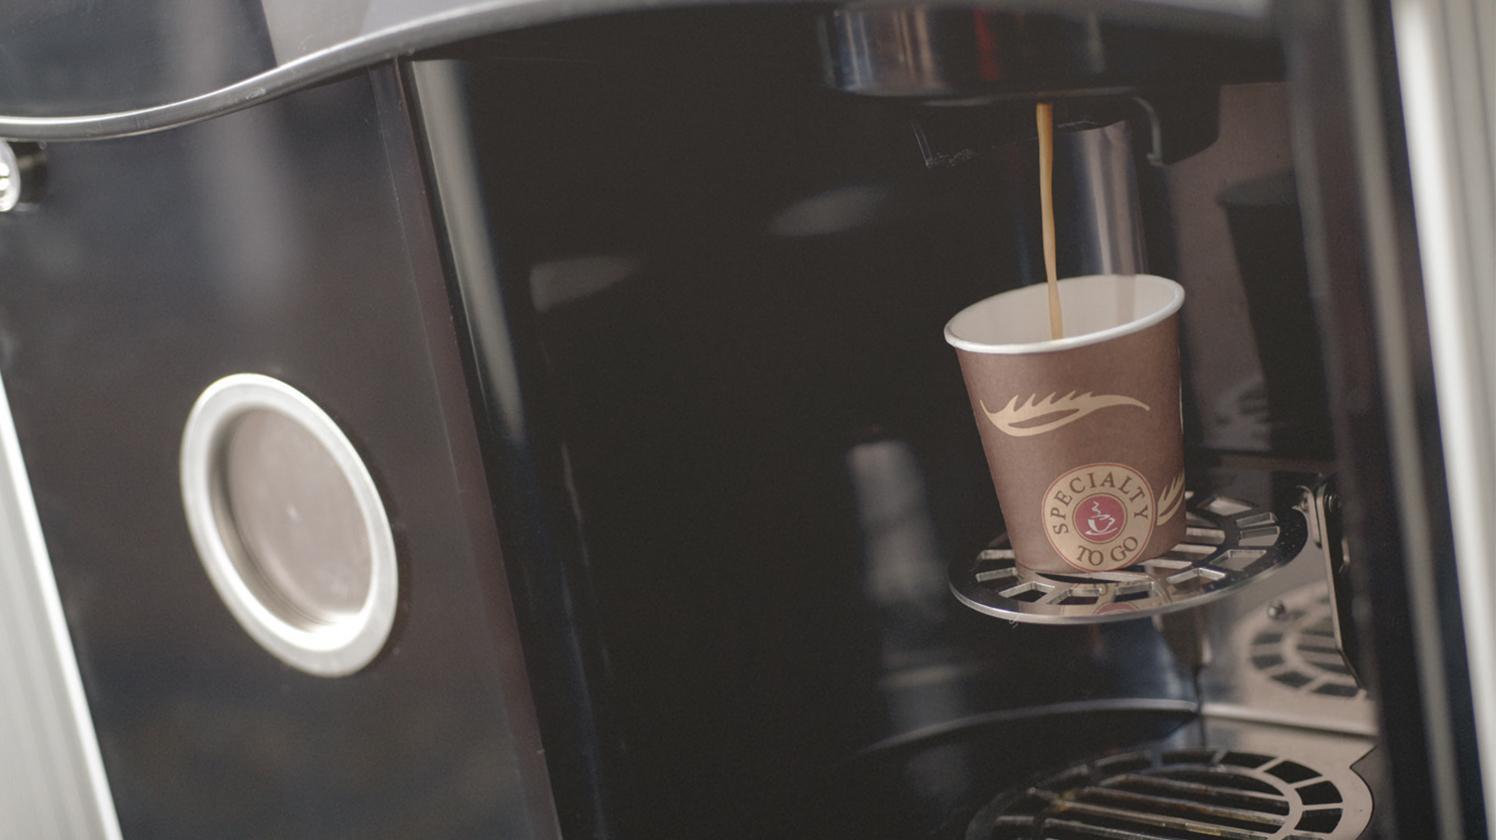 maquinas de cafe vending